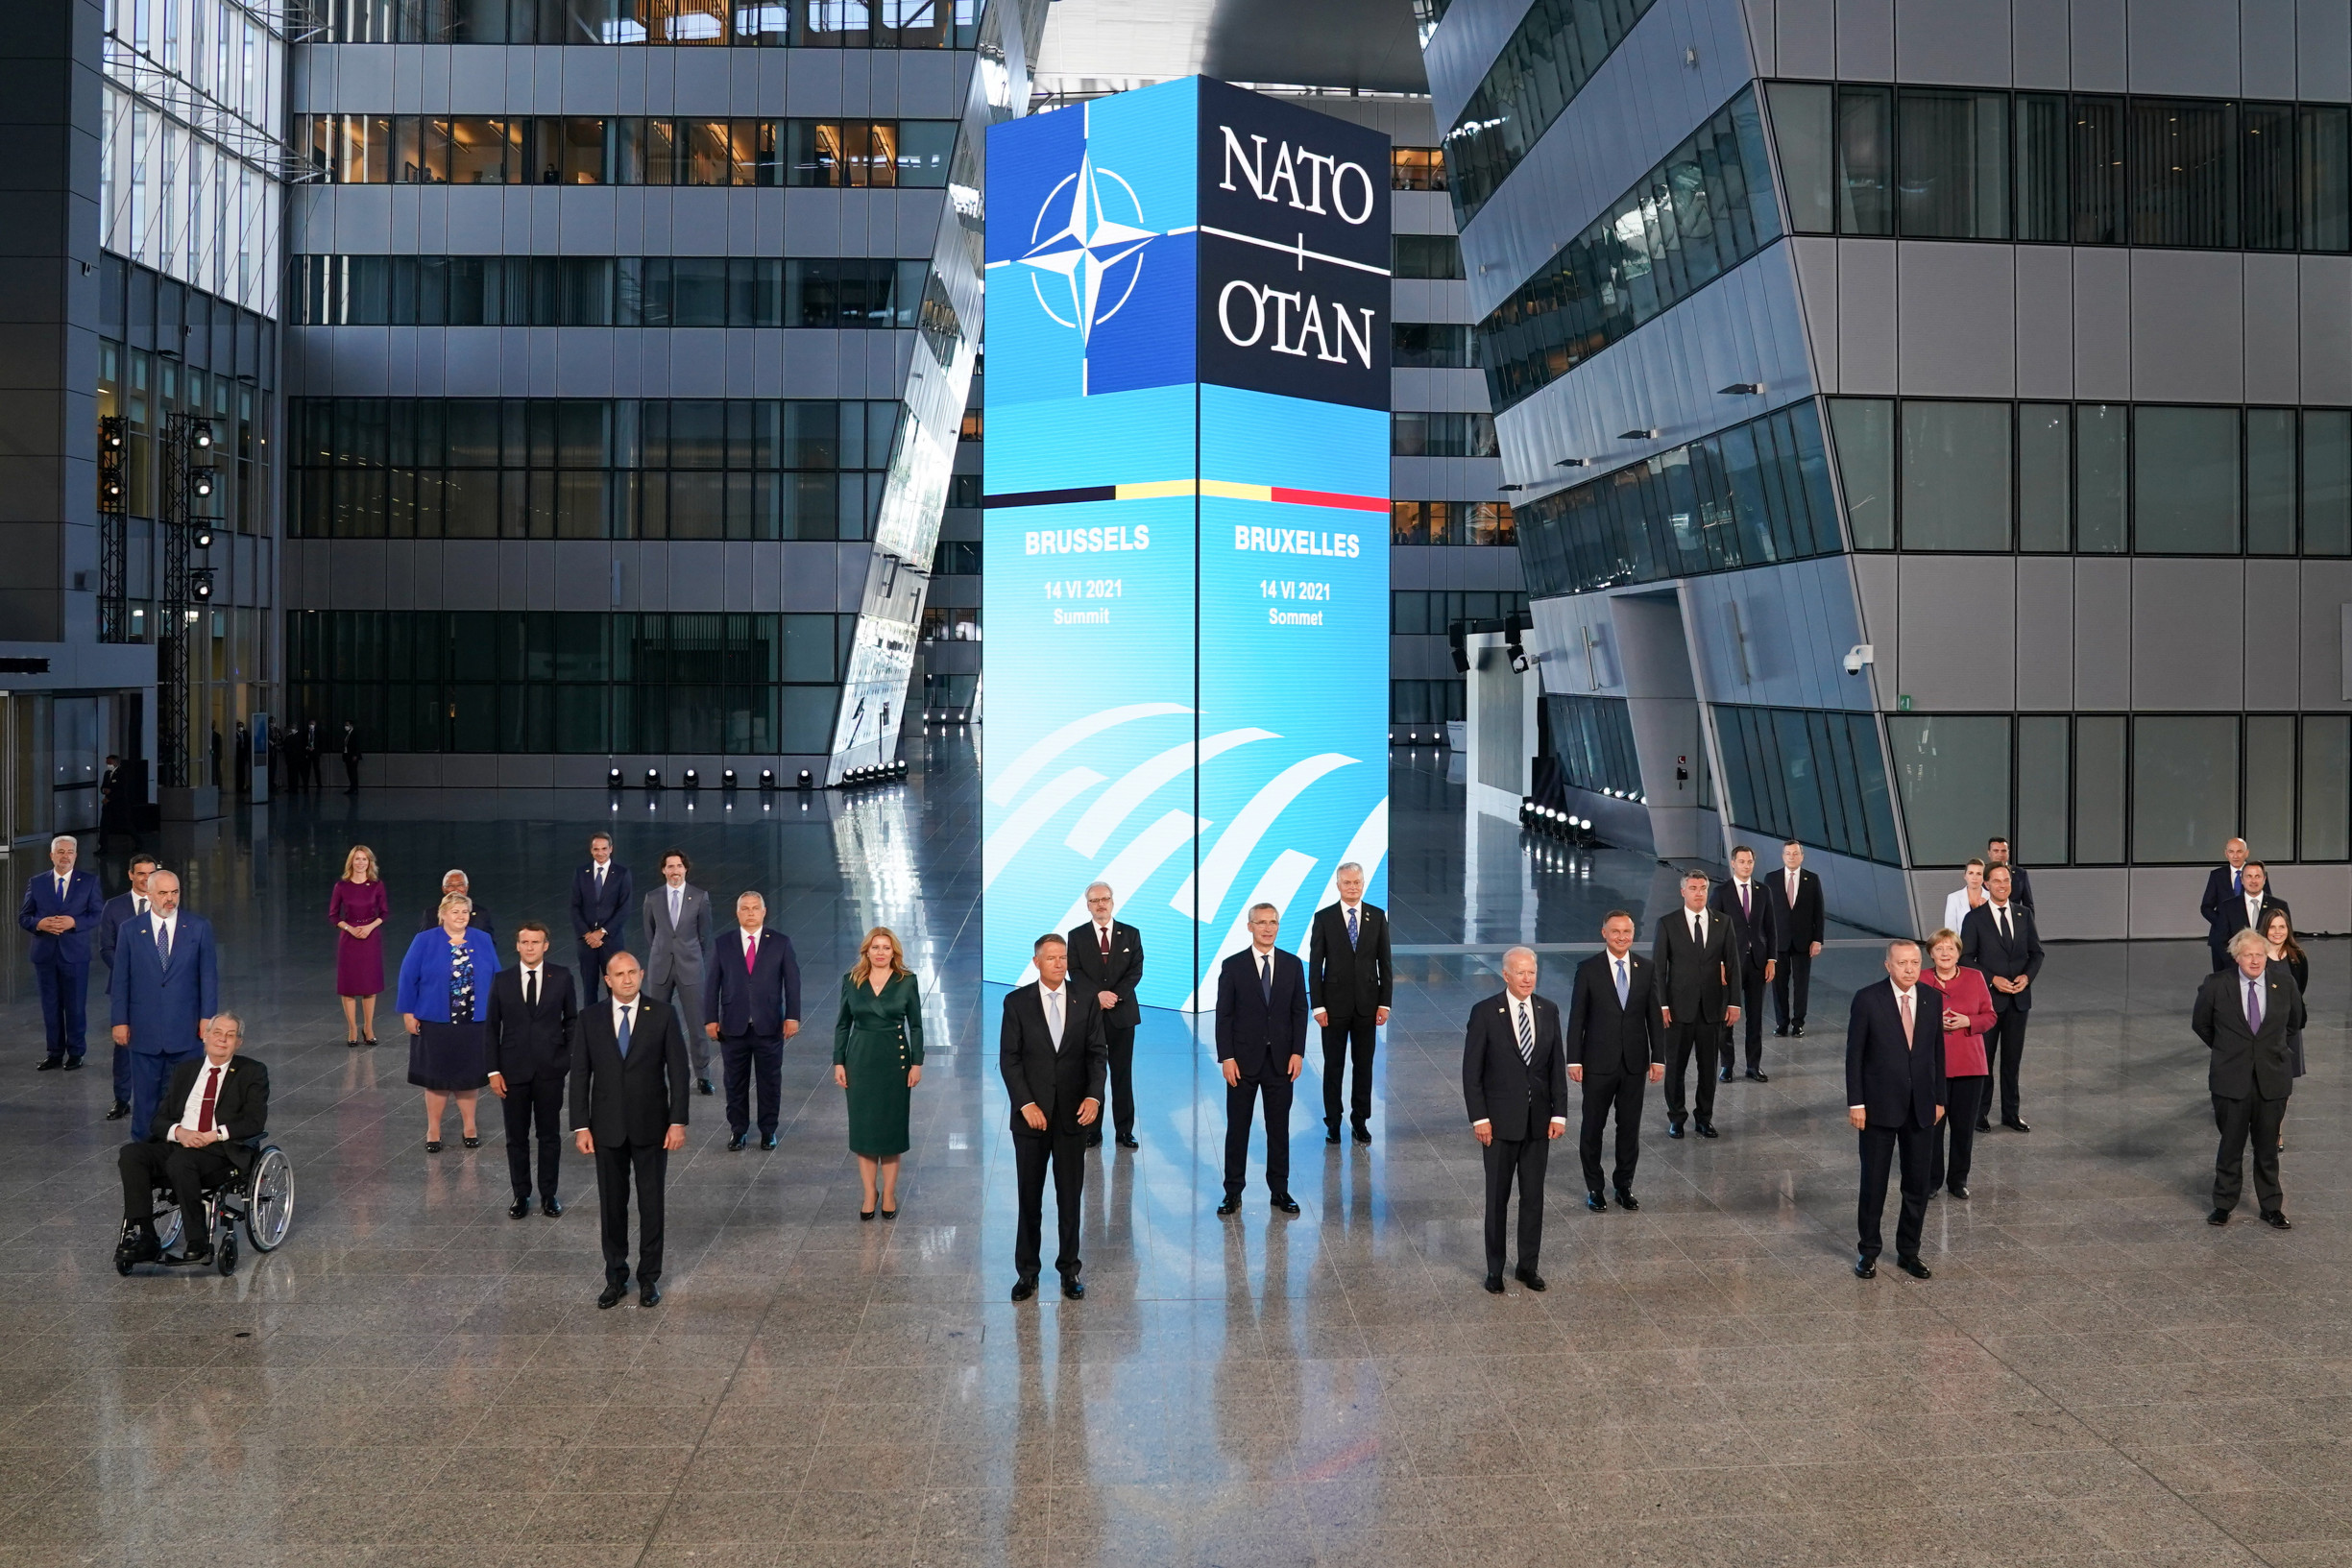 Čína, Rusko, Vrbětice, uhlí avakcíny. Jednání G7skončilo, začalo NATO, první sprezidentem Bidenem